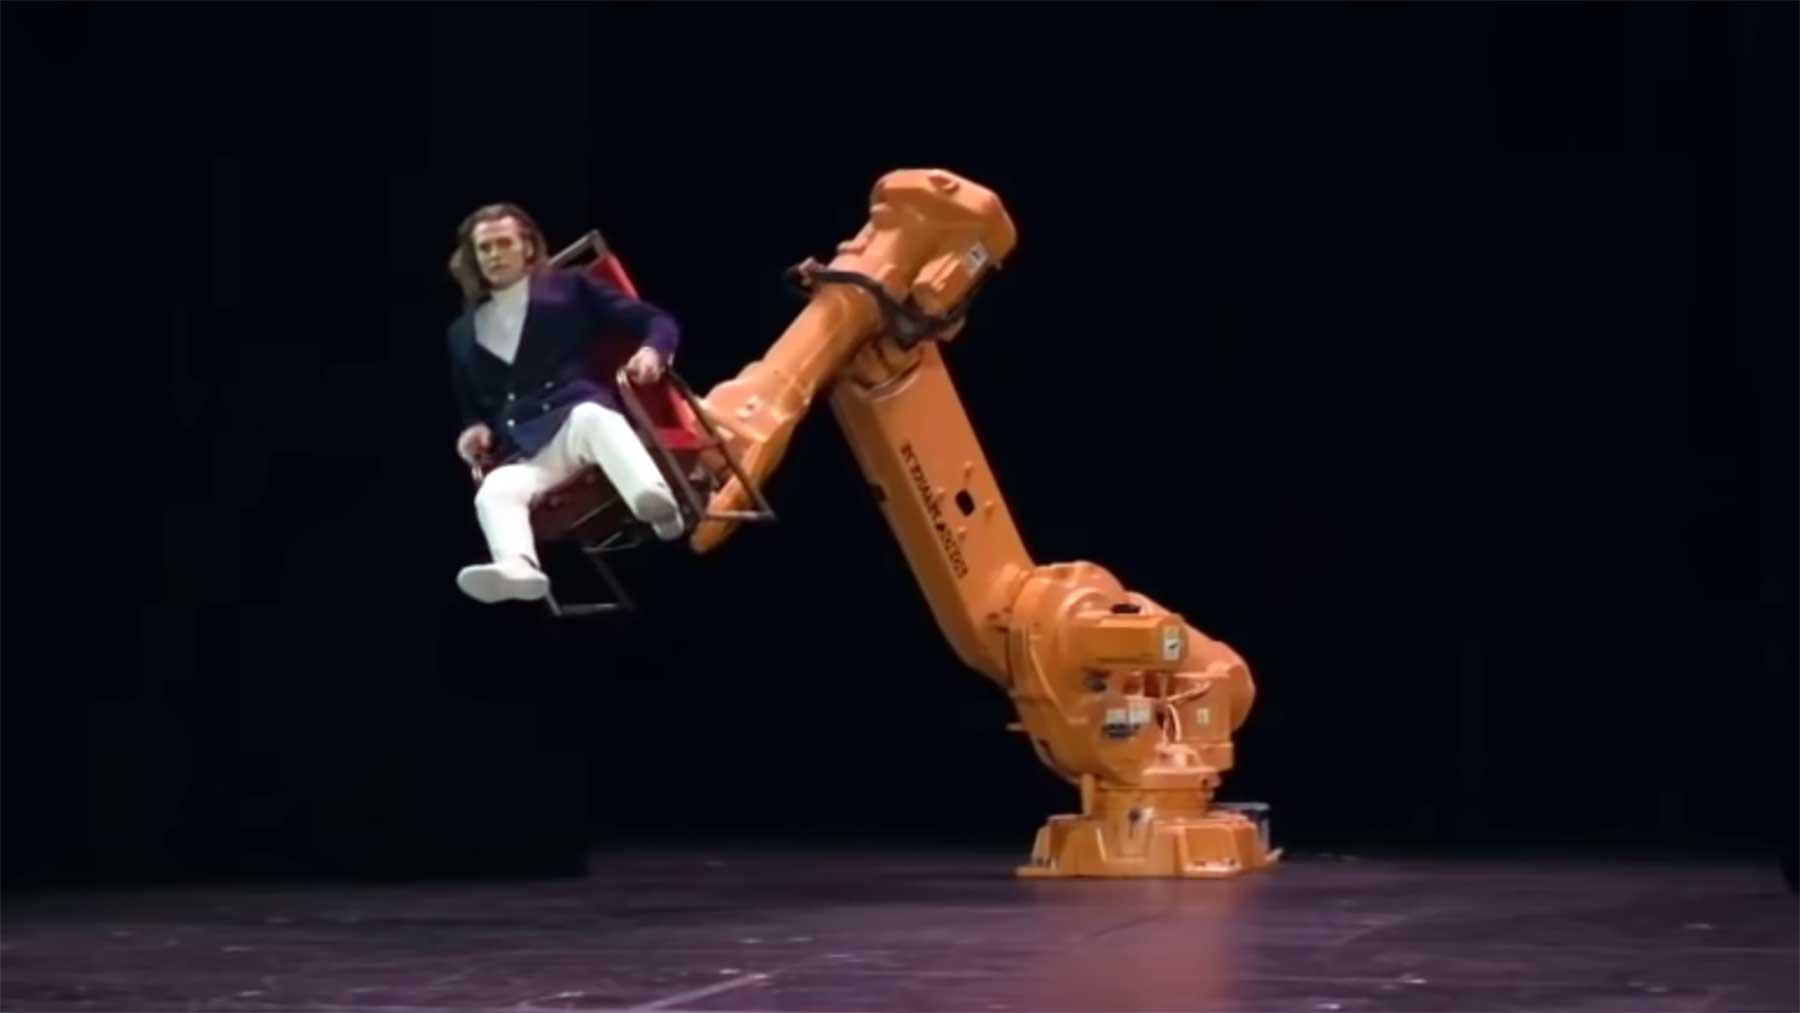 Mann vs. Roboter-Stuhl